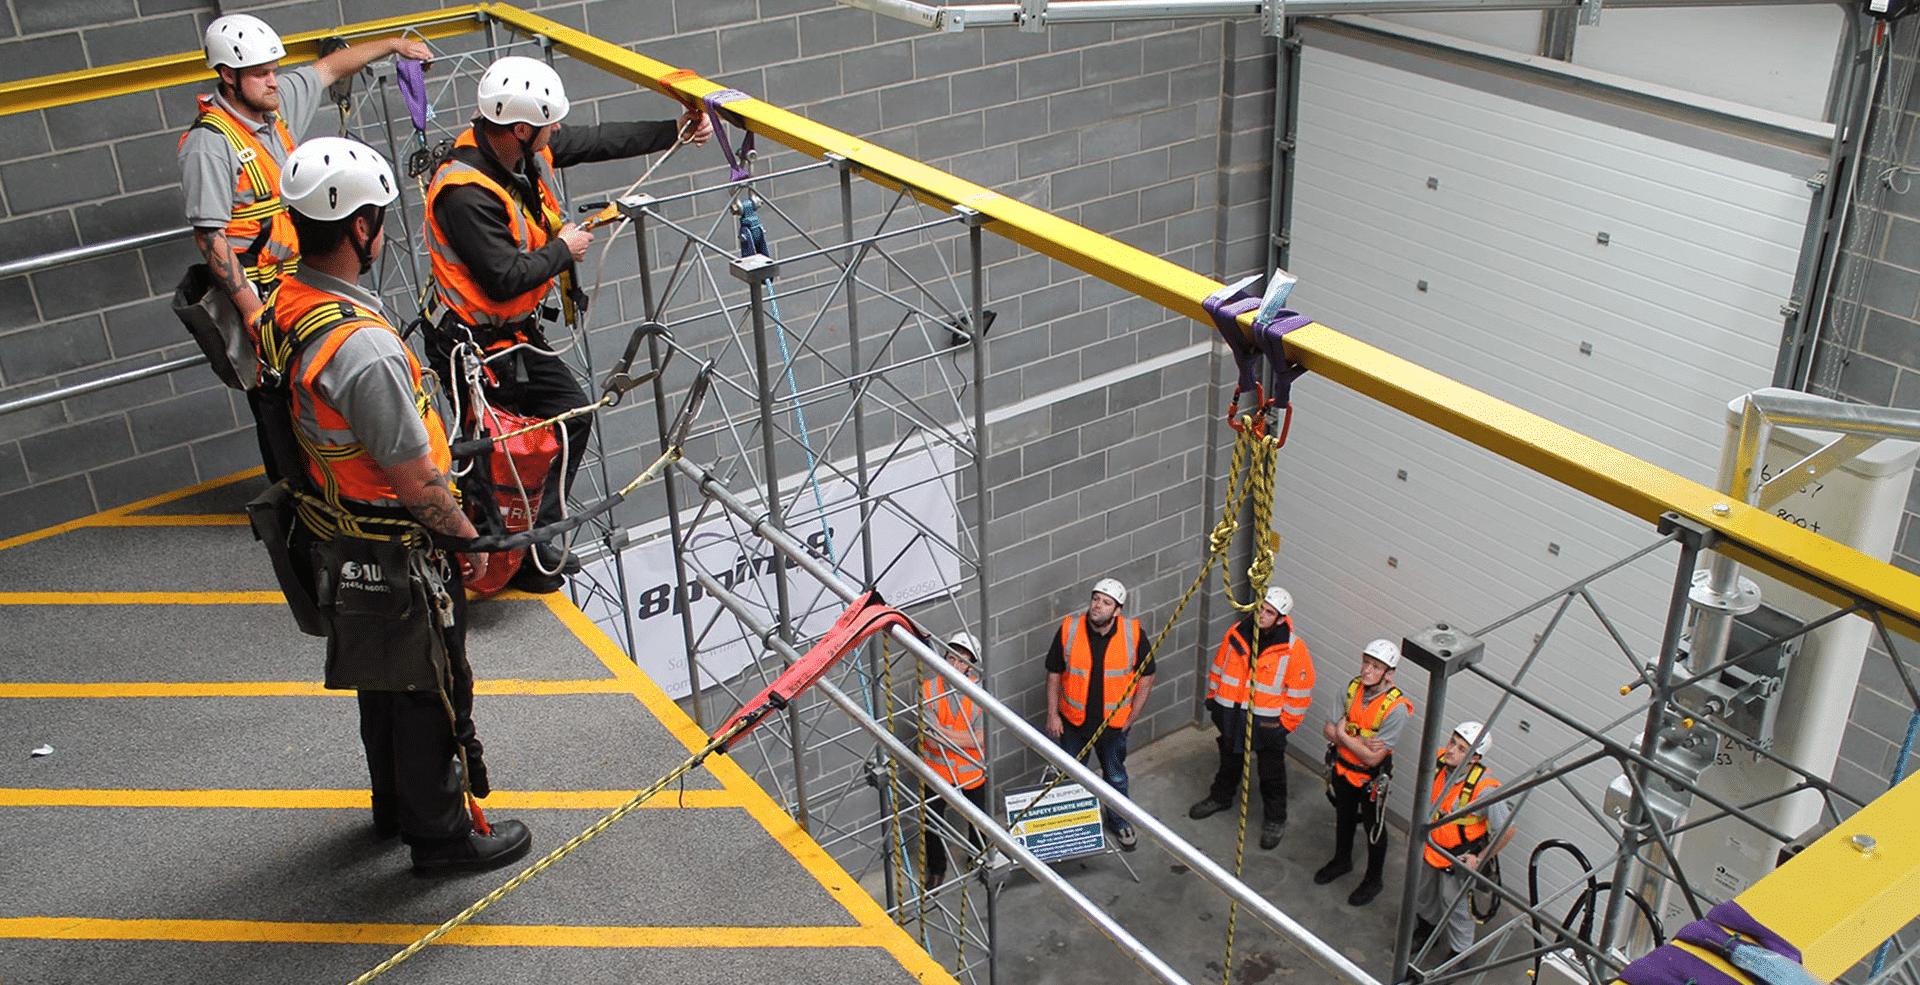 Comercialización y mantenimiento de equipos de seguridad en alturas y espacios confinados.